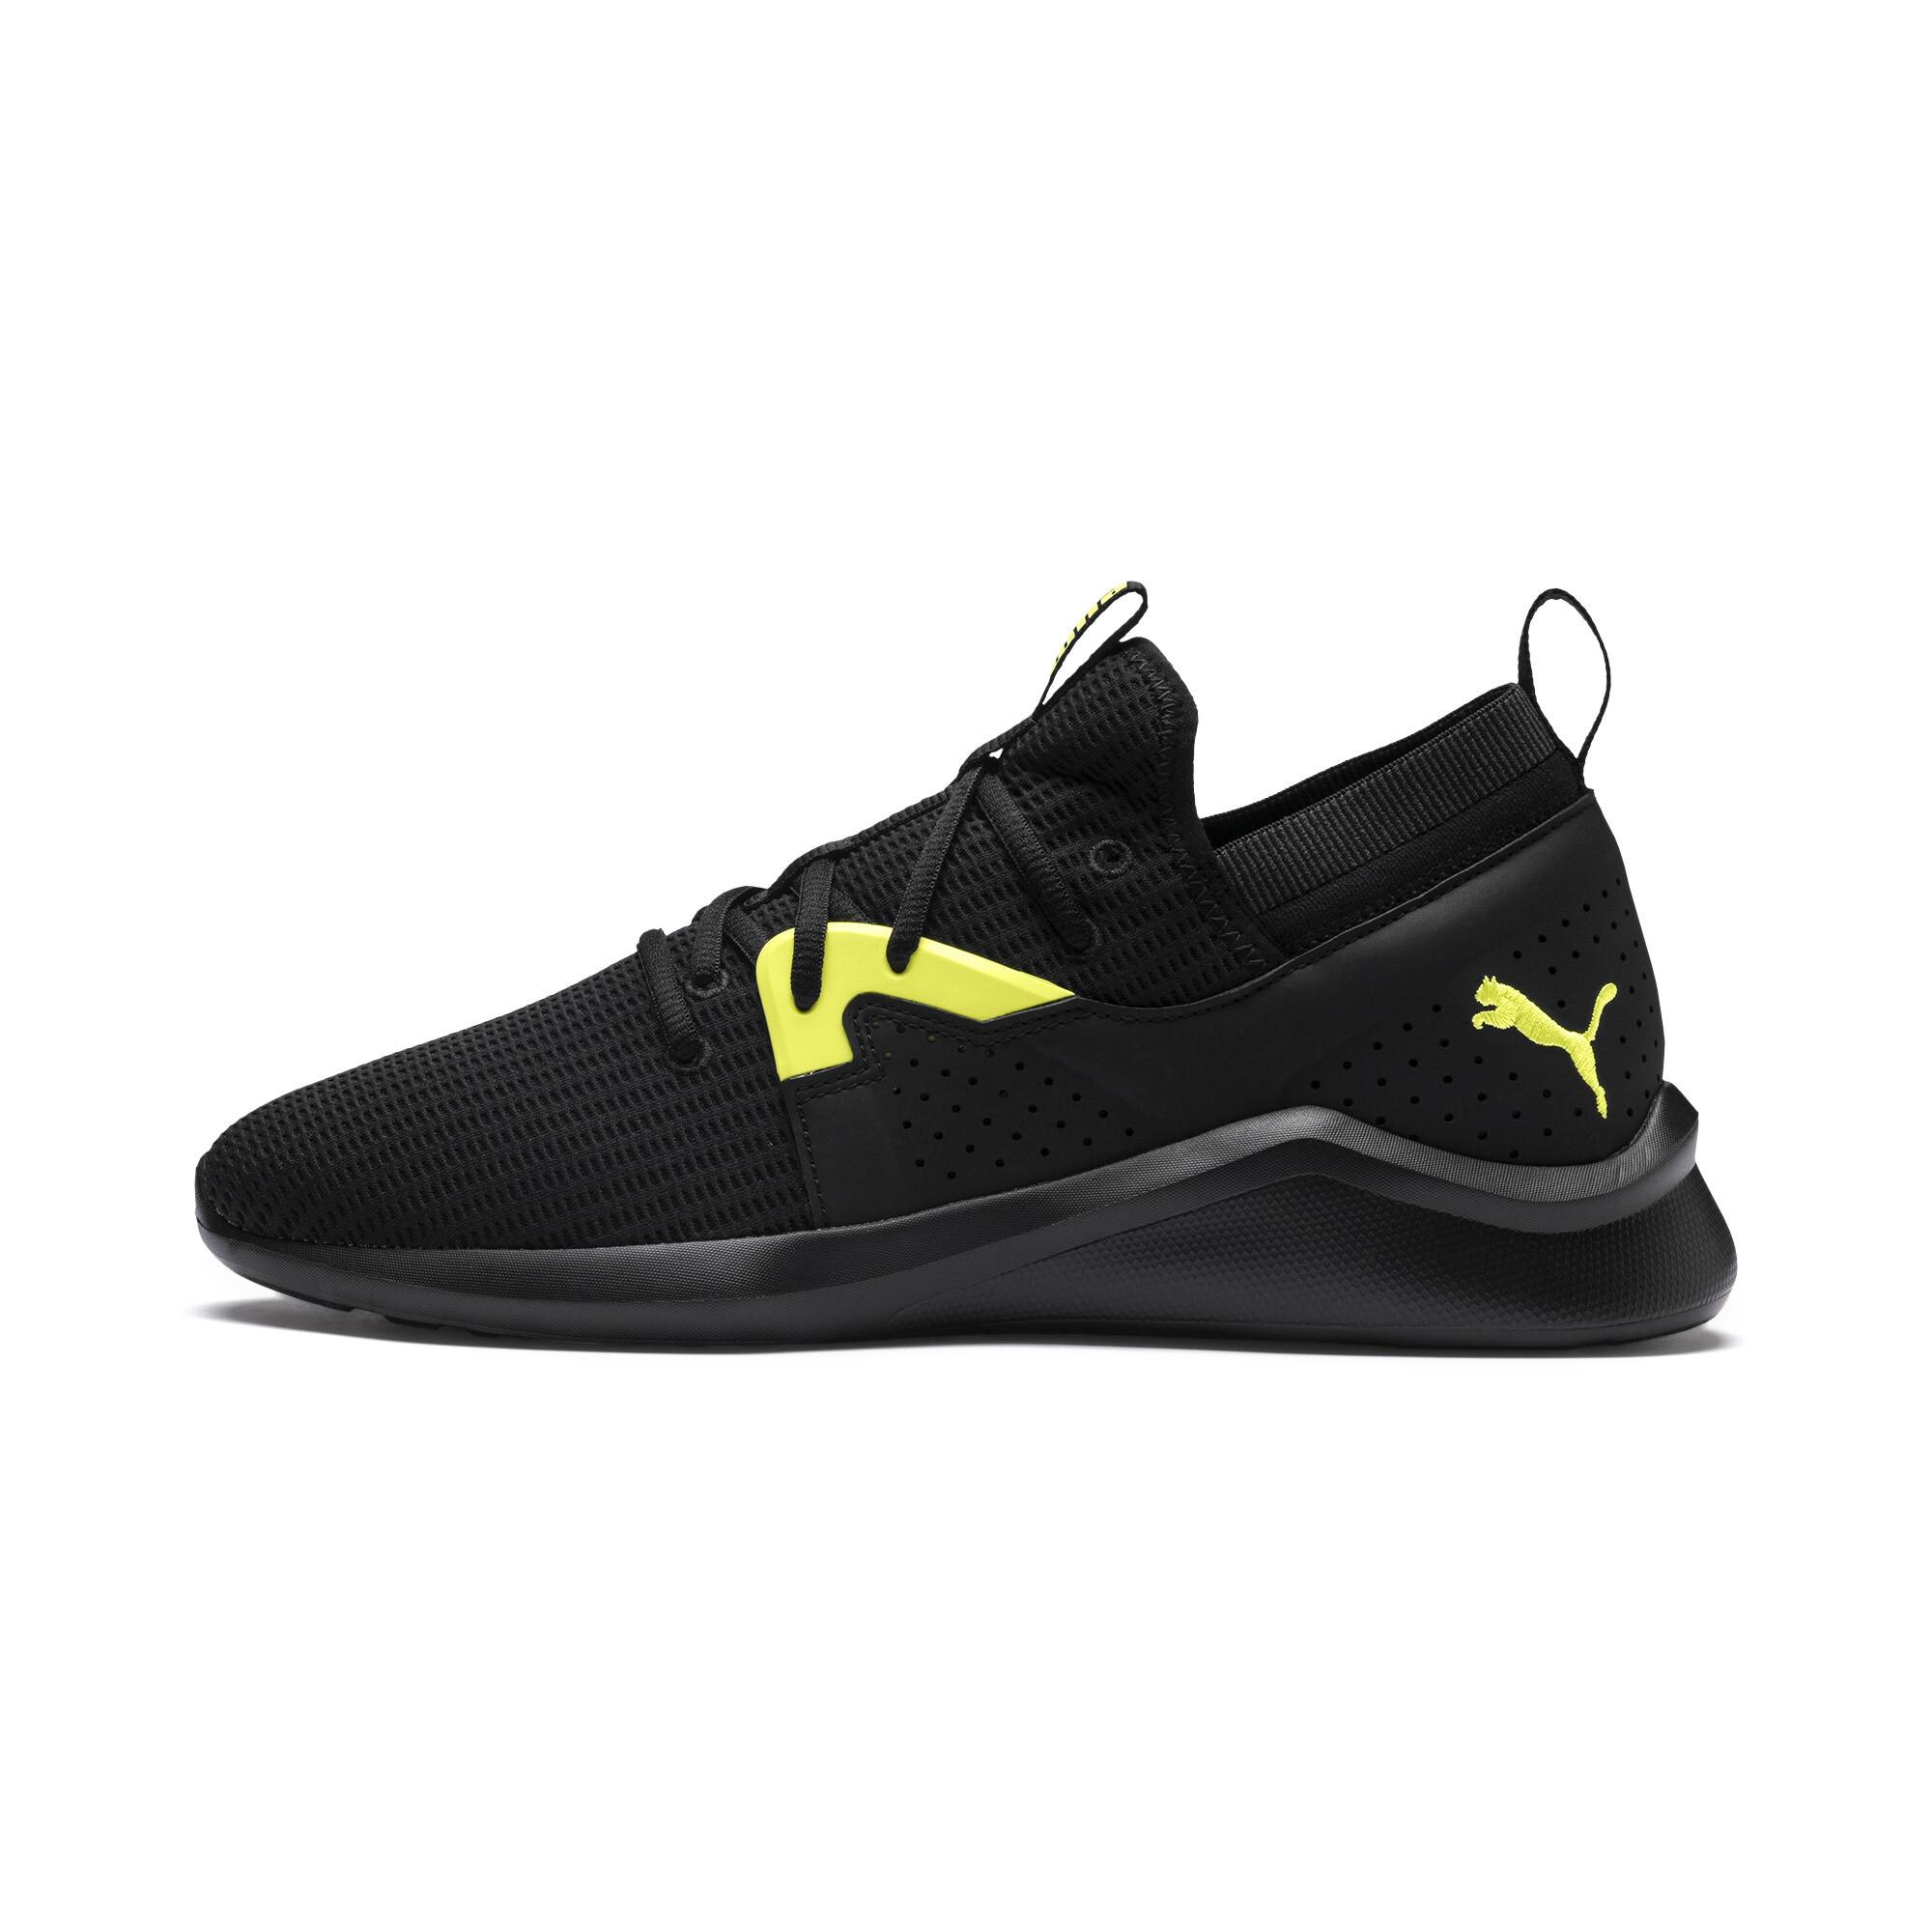 PUMA-Men-039-s-Emergence-Future-Training-Shoes thumbnail 6